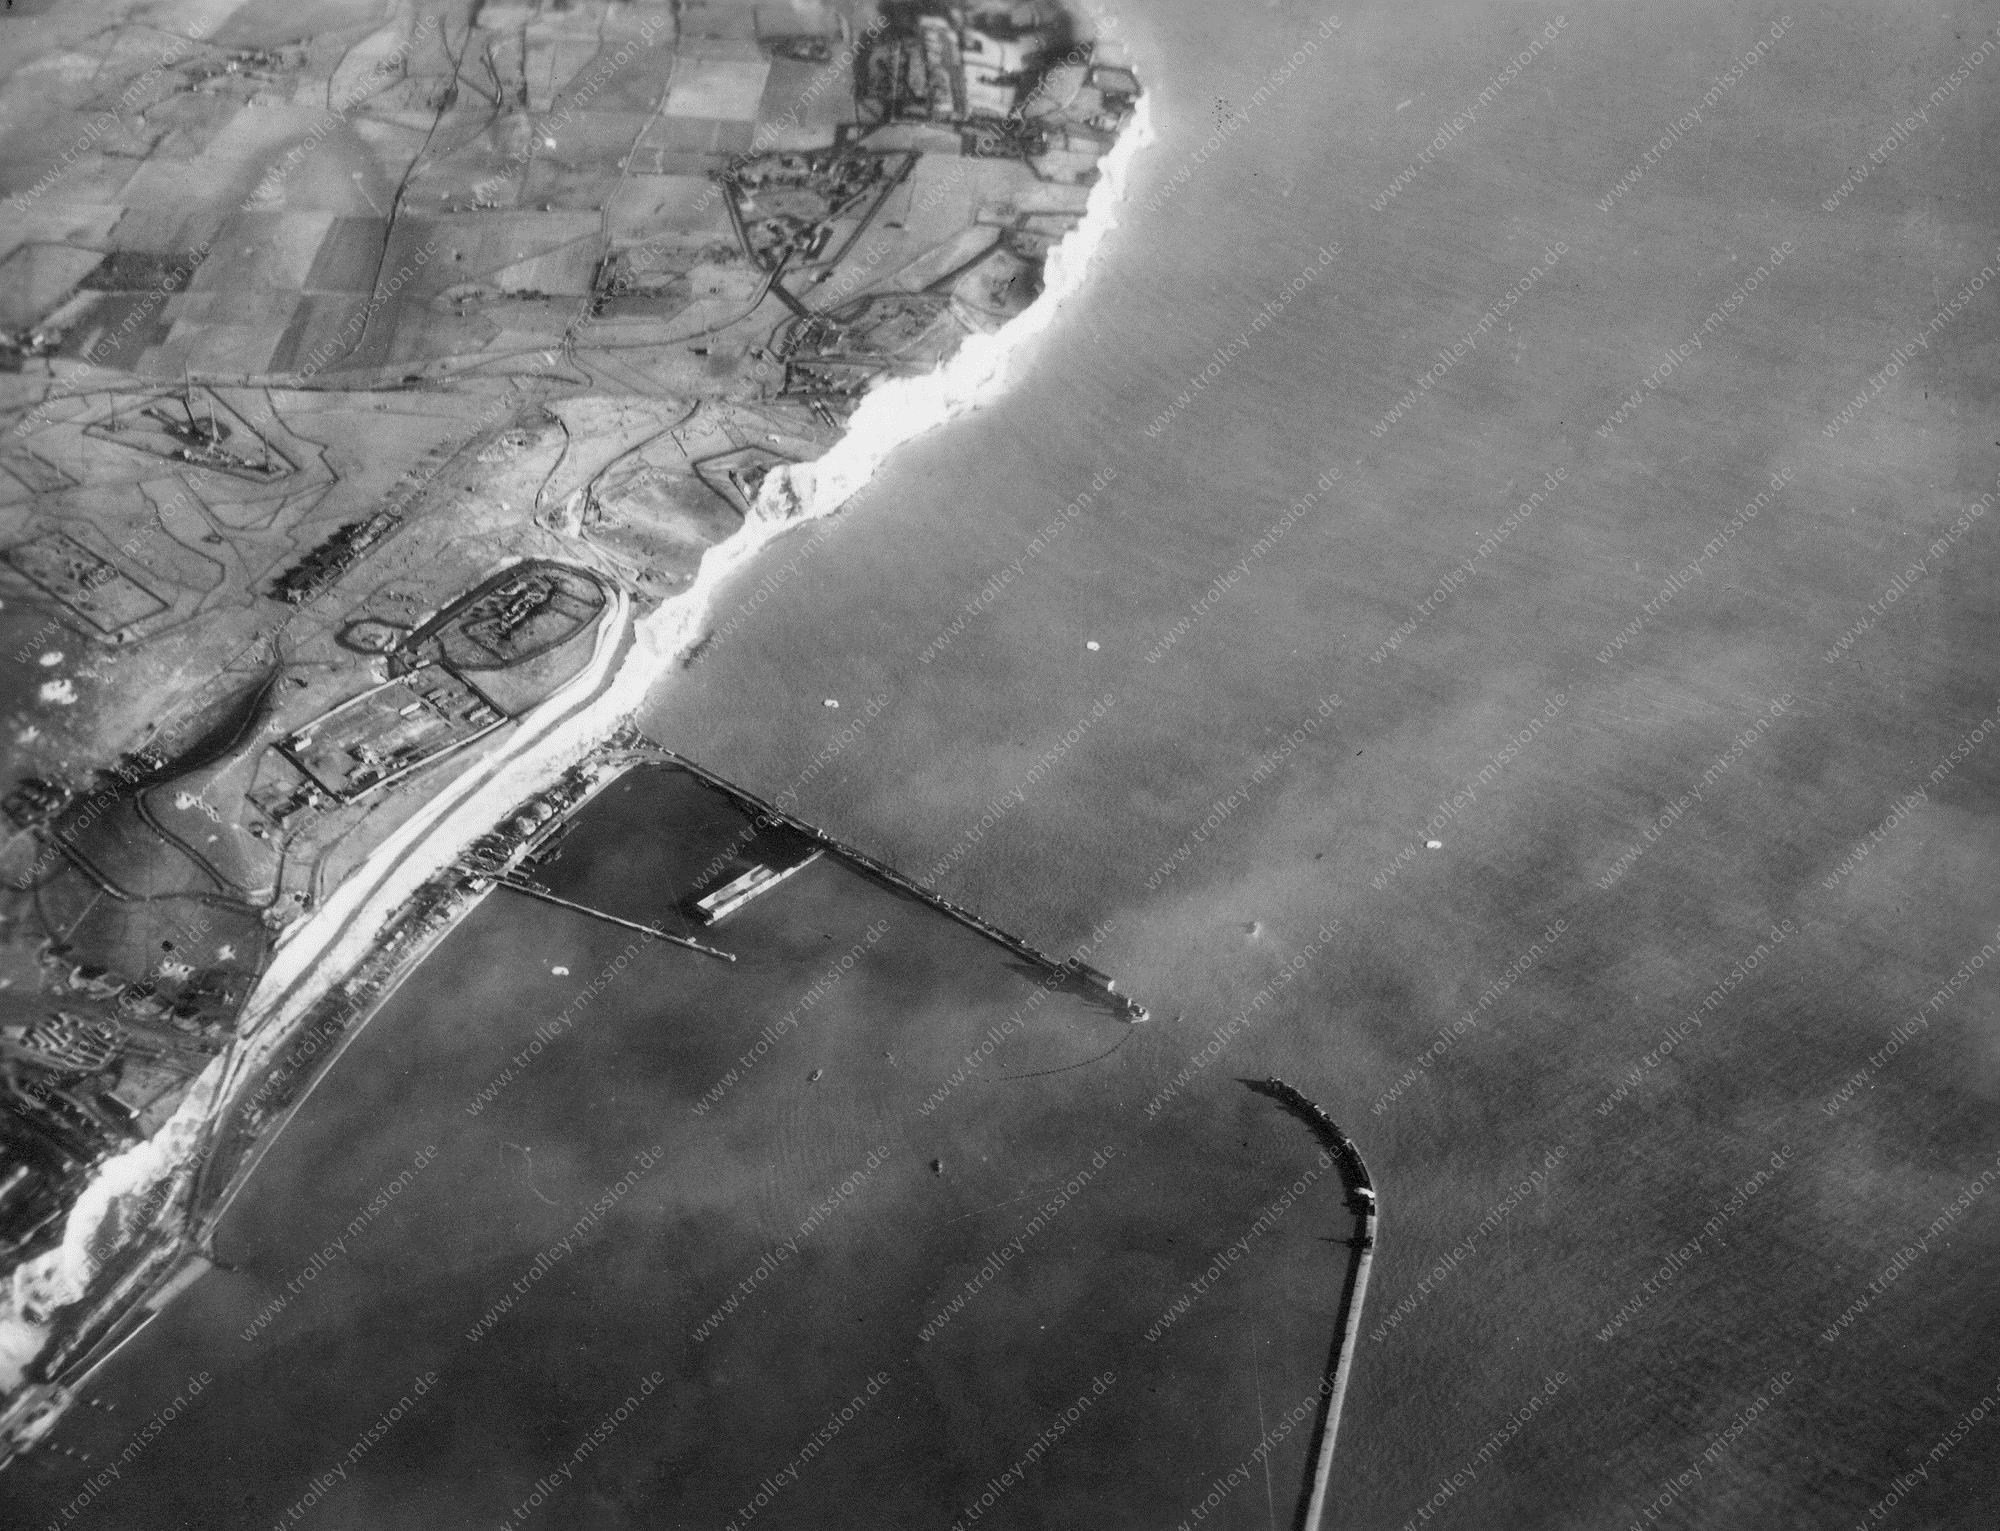 Dover am Ärmelkanal Luftbild 1945 - Hafen und Küstenwachenstation (Großbritannien)